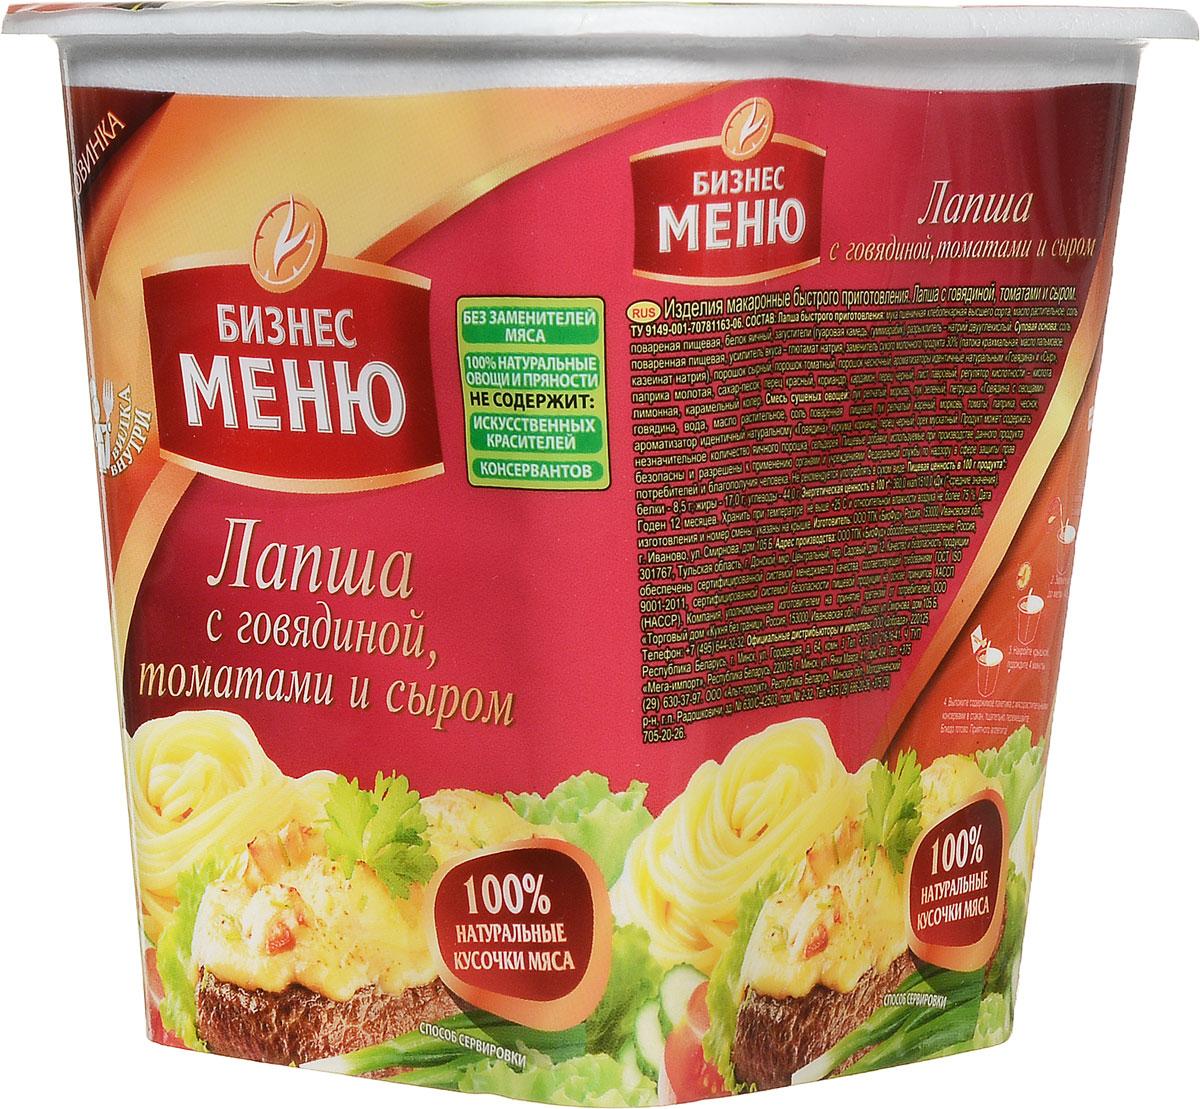 Бизнес меню Лапша быстрого приготовления с говядиной, томатами и сыром, 105 г0120710Лапша быстрого приготовления Бизнес меню с говядиной, томатами и сыром.Способ приготовления:Выложите содержимое пакетиков с овощами и суповой основой в стакан. Залейте кипящей водой до метки (400 мл.). Накройте крышкой, подождите 4 минуты. Выложите содержимое пакета с мясорастительными консервами в стакан, тщательно перемешайте. Блюдо готово.Приятного аппетита!